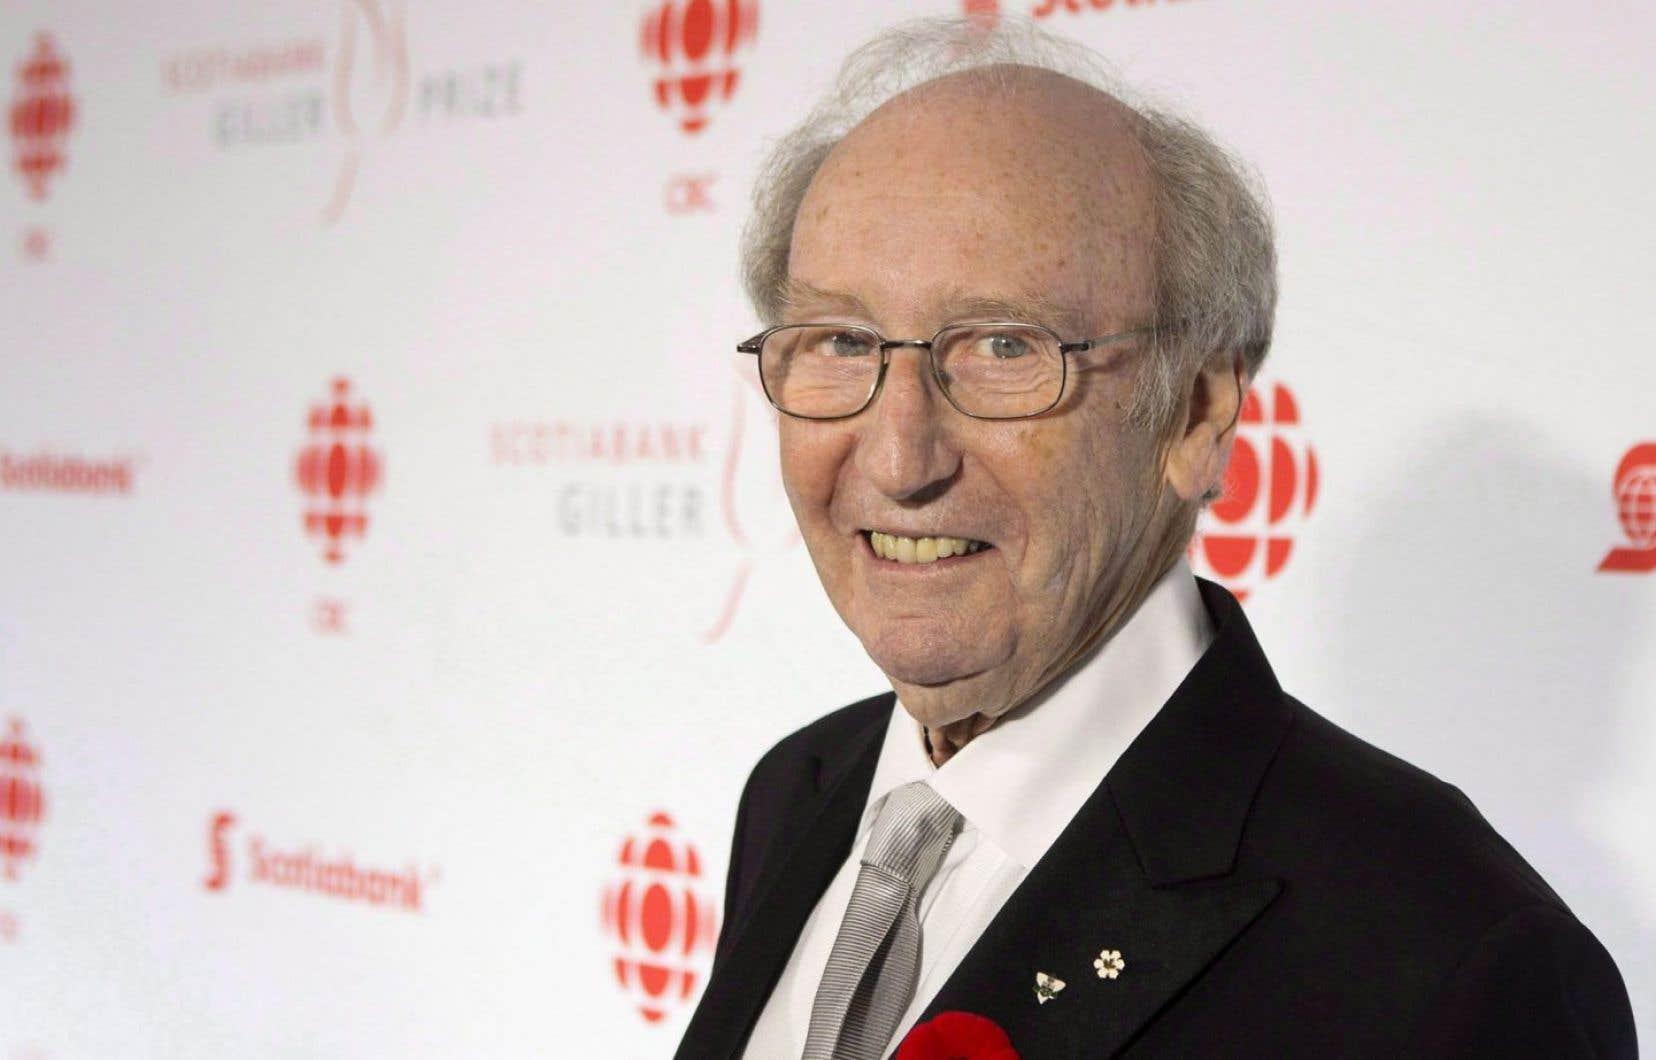 Les funérailles de l'homme d'affaires Jack Rabinovitch seront célébrées ce mercredi matin à Toronto.